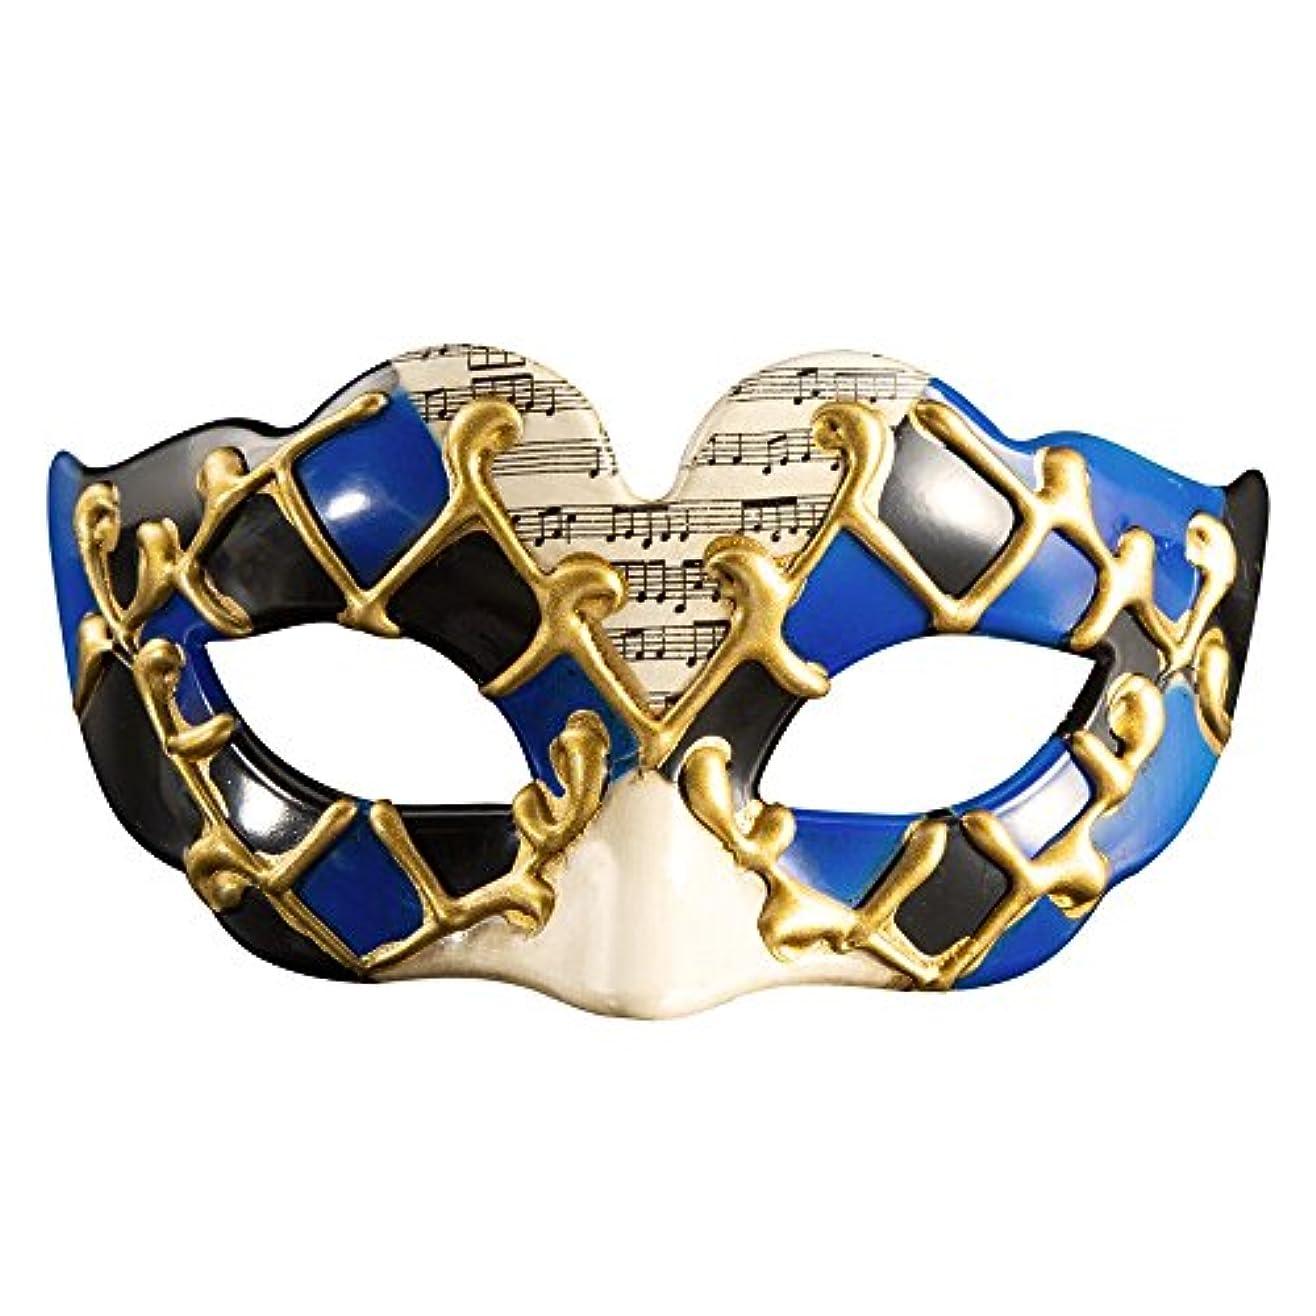 取り囲むうねるあいまいさクリエイティブキッズハーフフェイスハロウィンマスクパーティー新しいファンシードレスボールマスク (Color : #3)